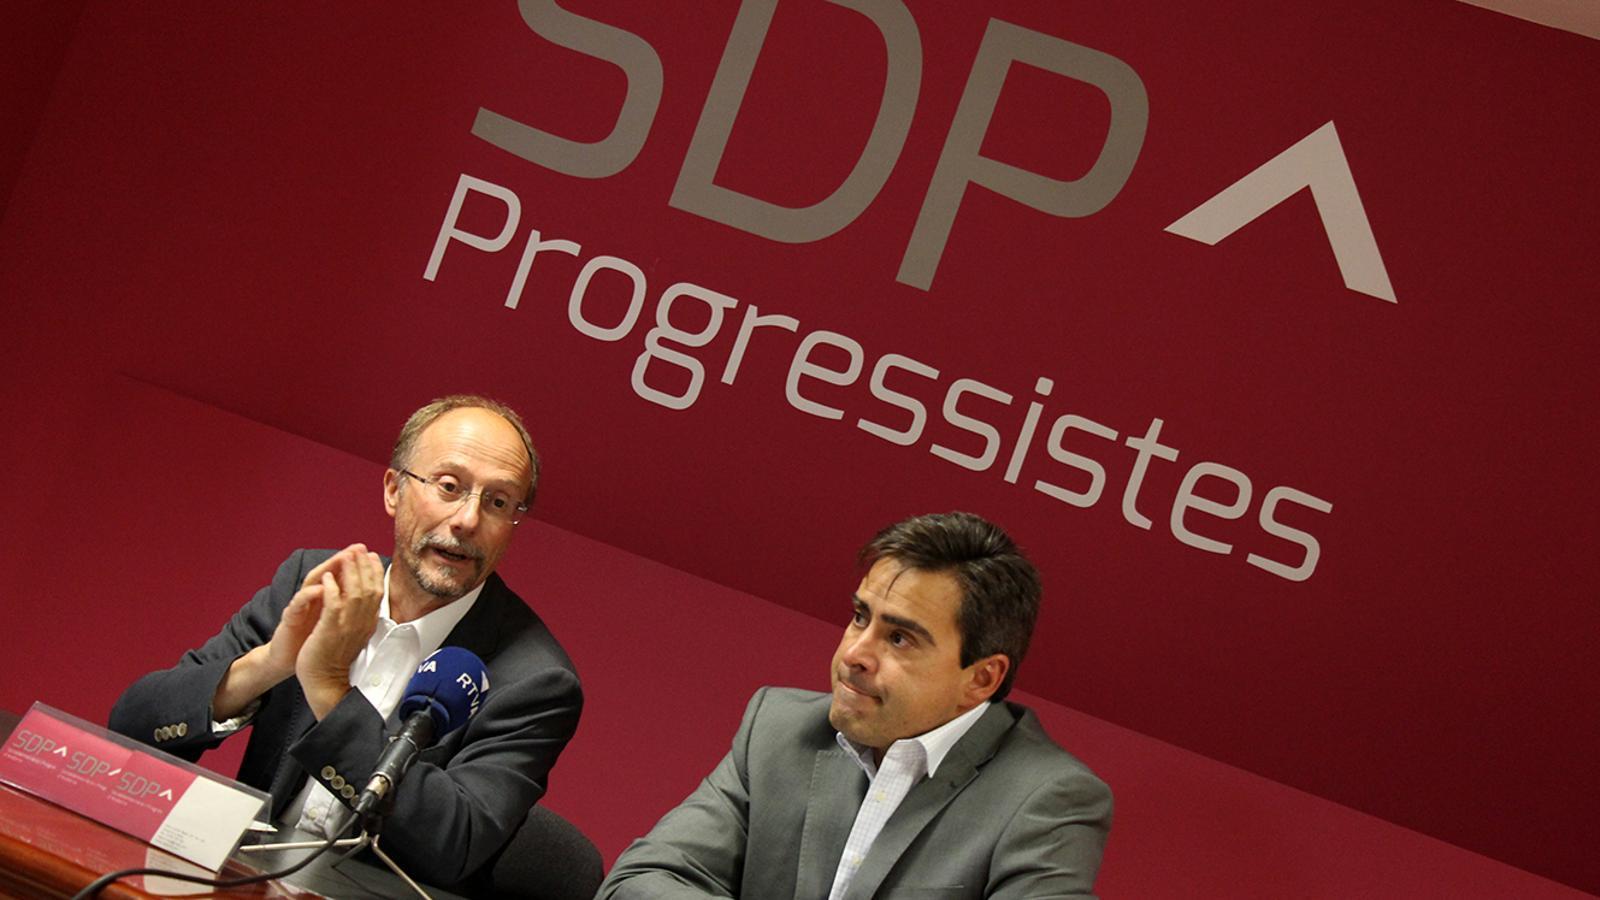 El conseller general d'SDP, Víctor Naudi i el membre de la Comissió política nacional d'SDP, David Pérez, durant la roda de premsa. / M. M.